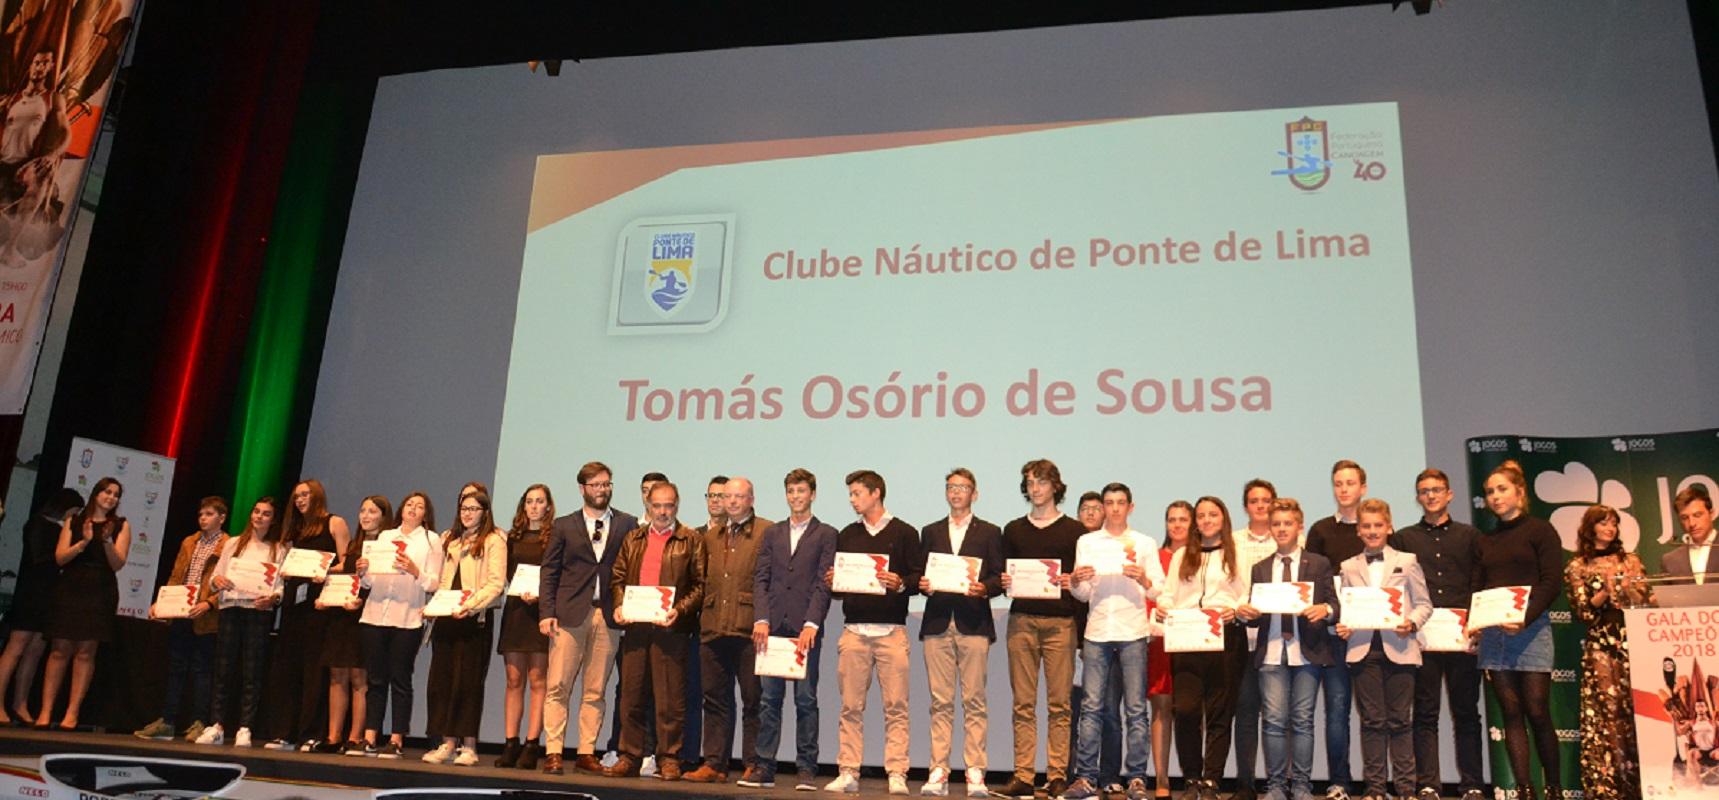 Mais de 60 atletas de ponte de Lima homenageados pela Federação Portuguesa de Canoagem